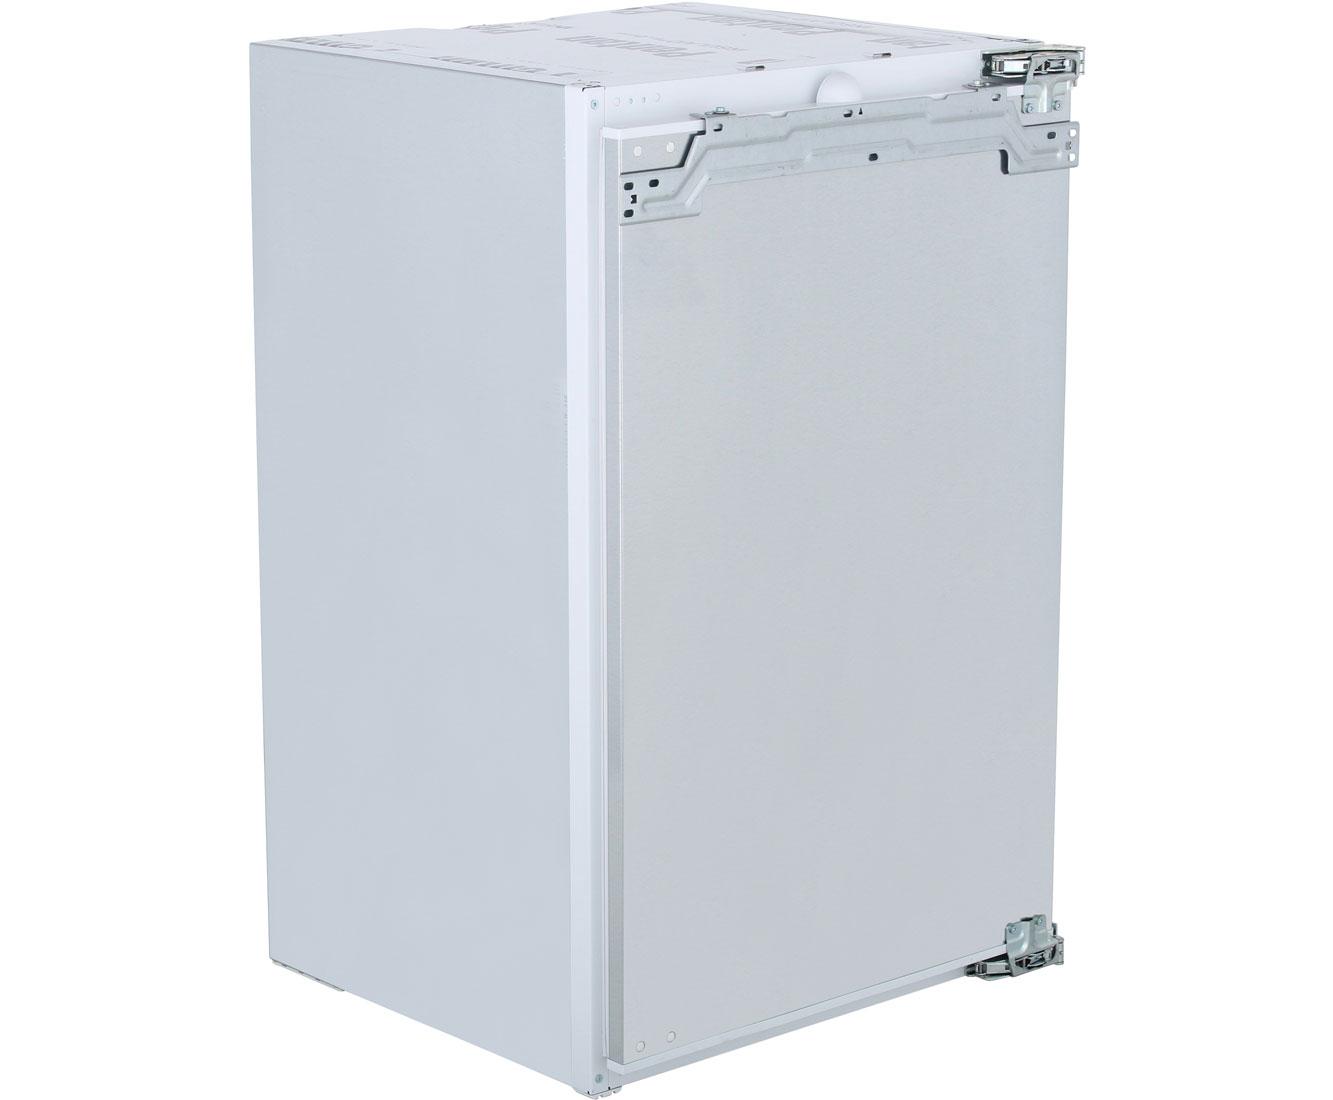 Bosch Kühlschrank Weiß : Bosch kil18v60 serie 2 kühlschrank eingebaut 54cm weiss neu ebay